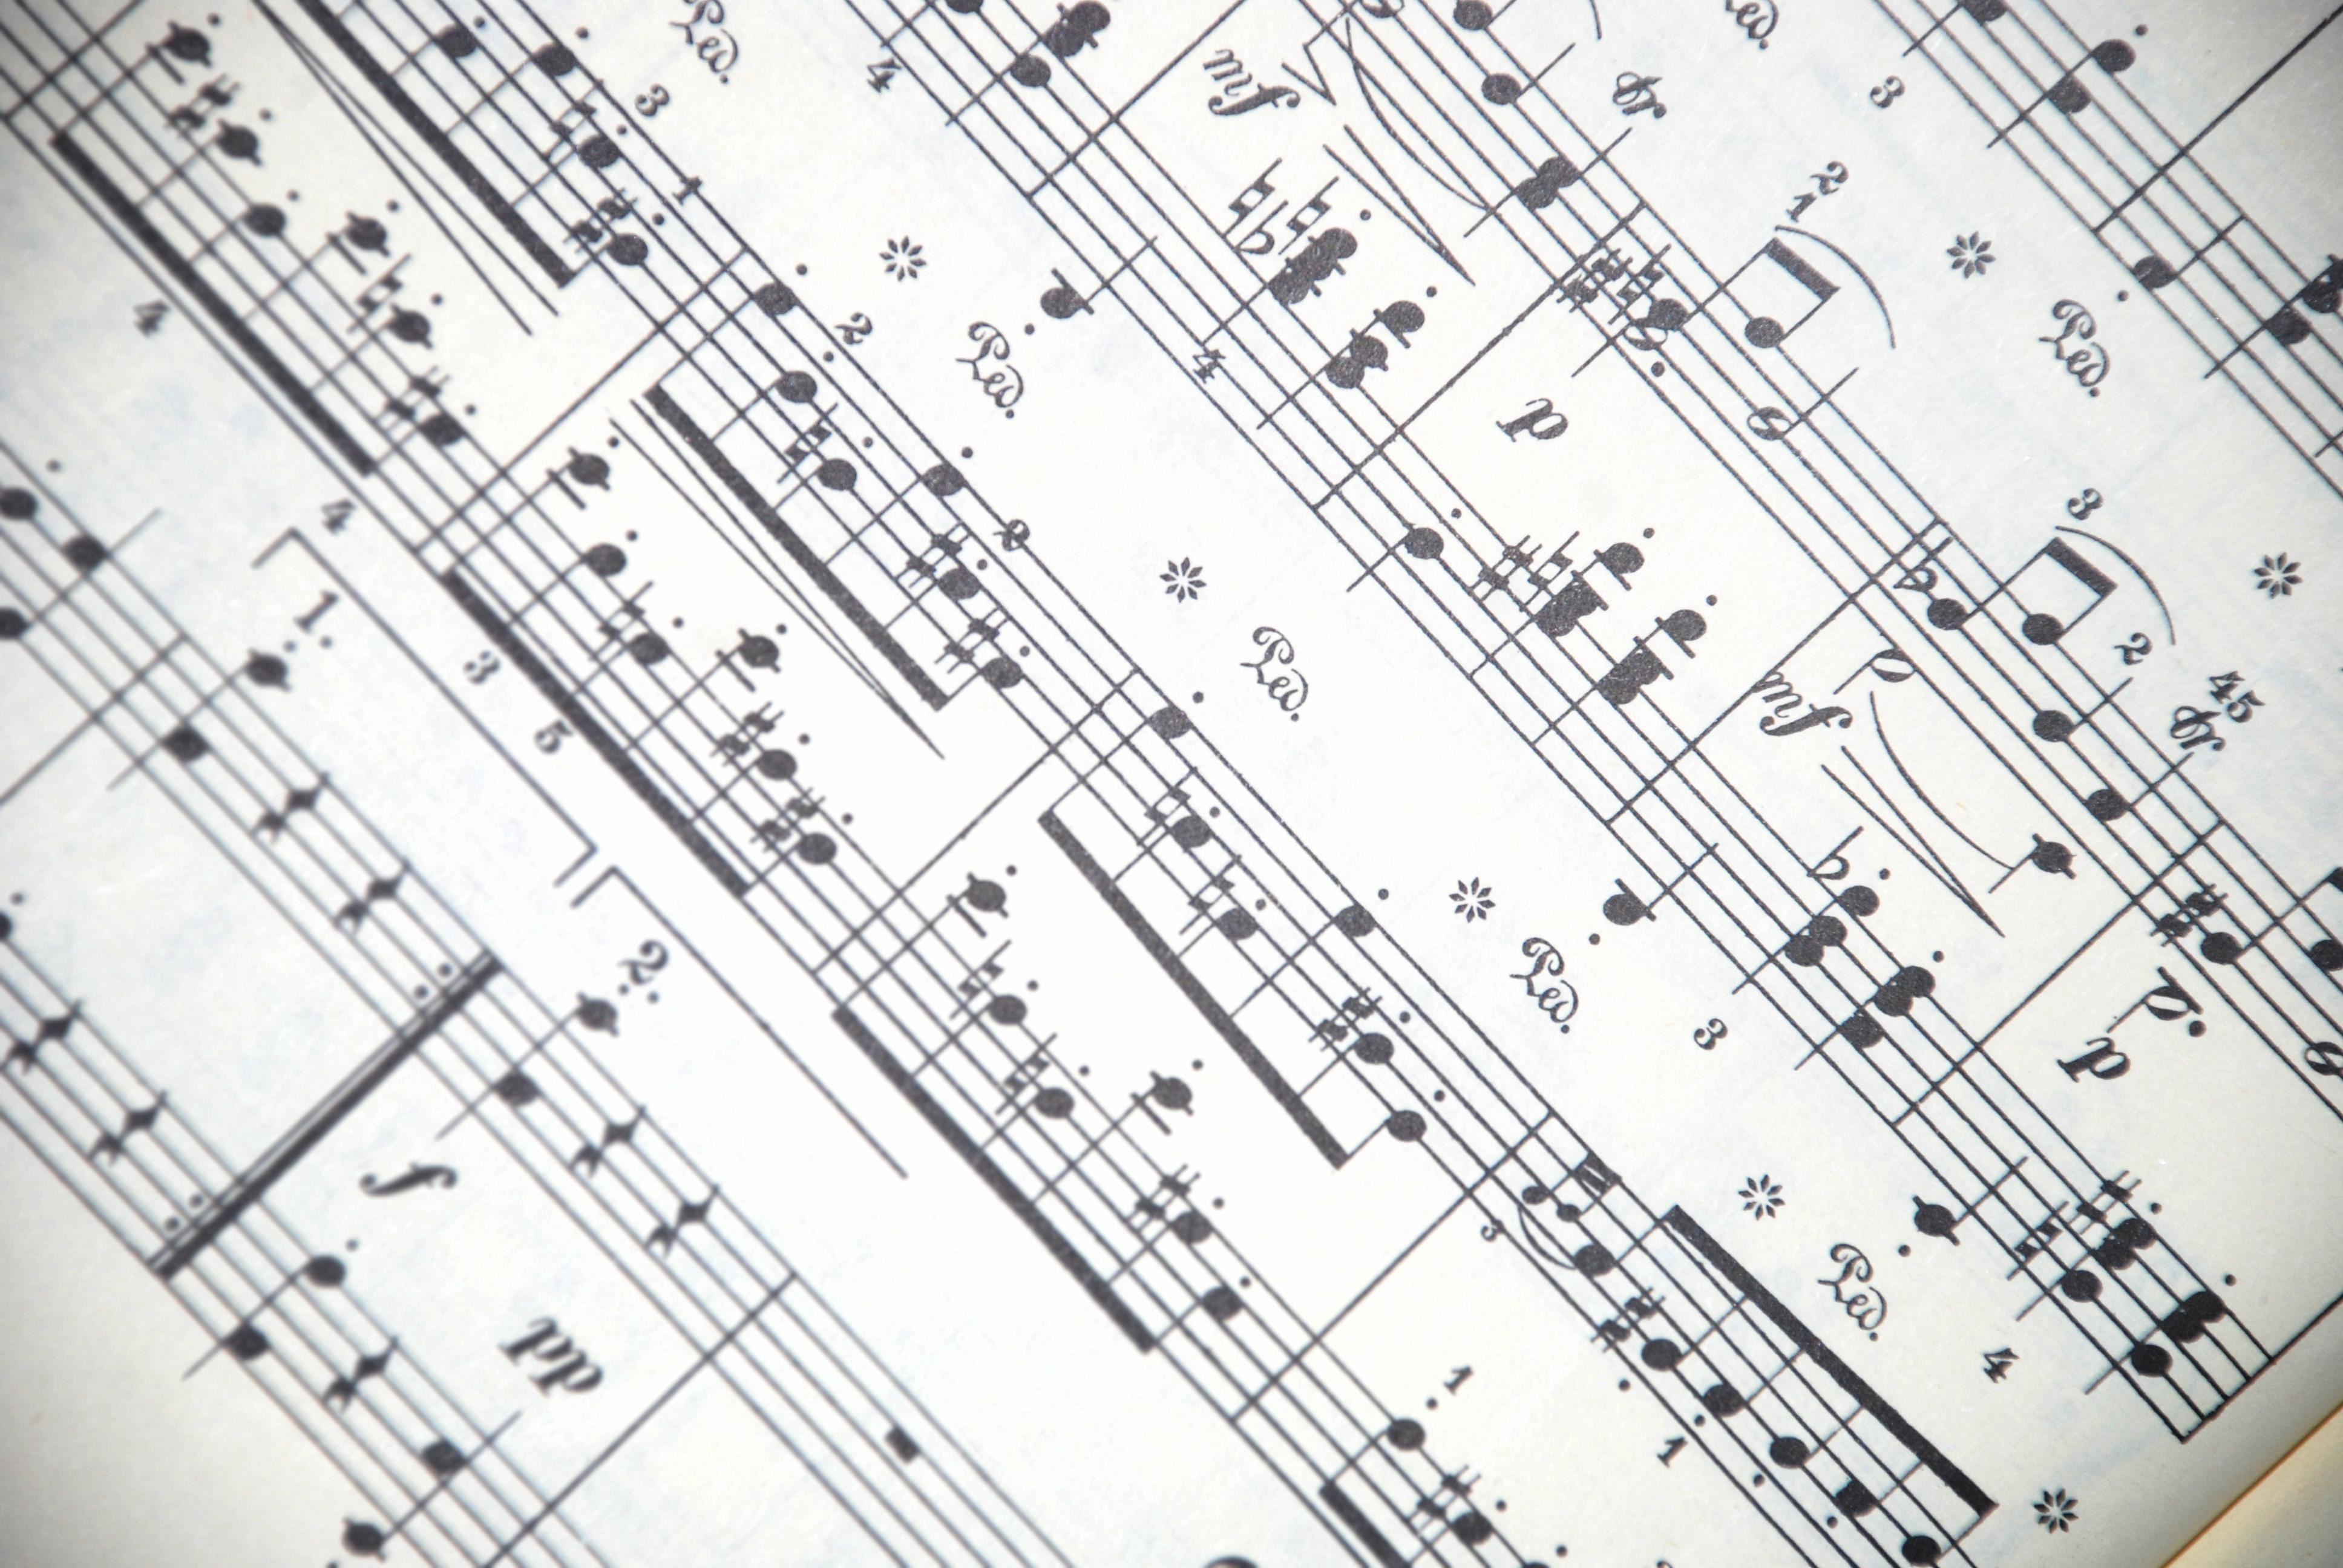 Musik: Till minne av Svend Asmussen - Mads Tolling kvartett